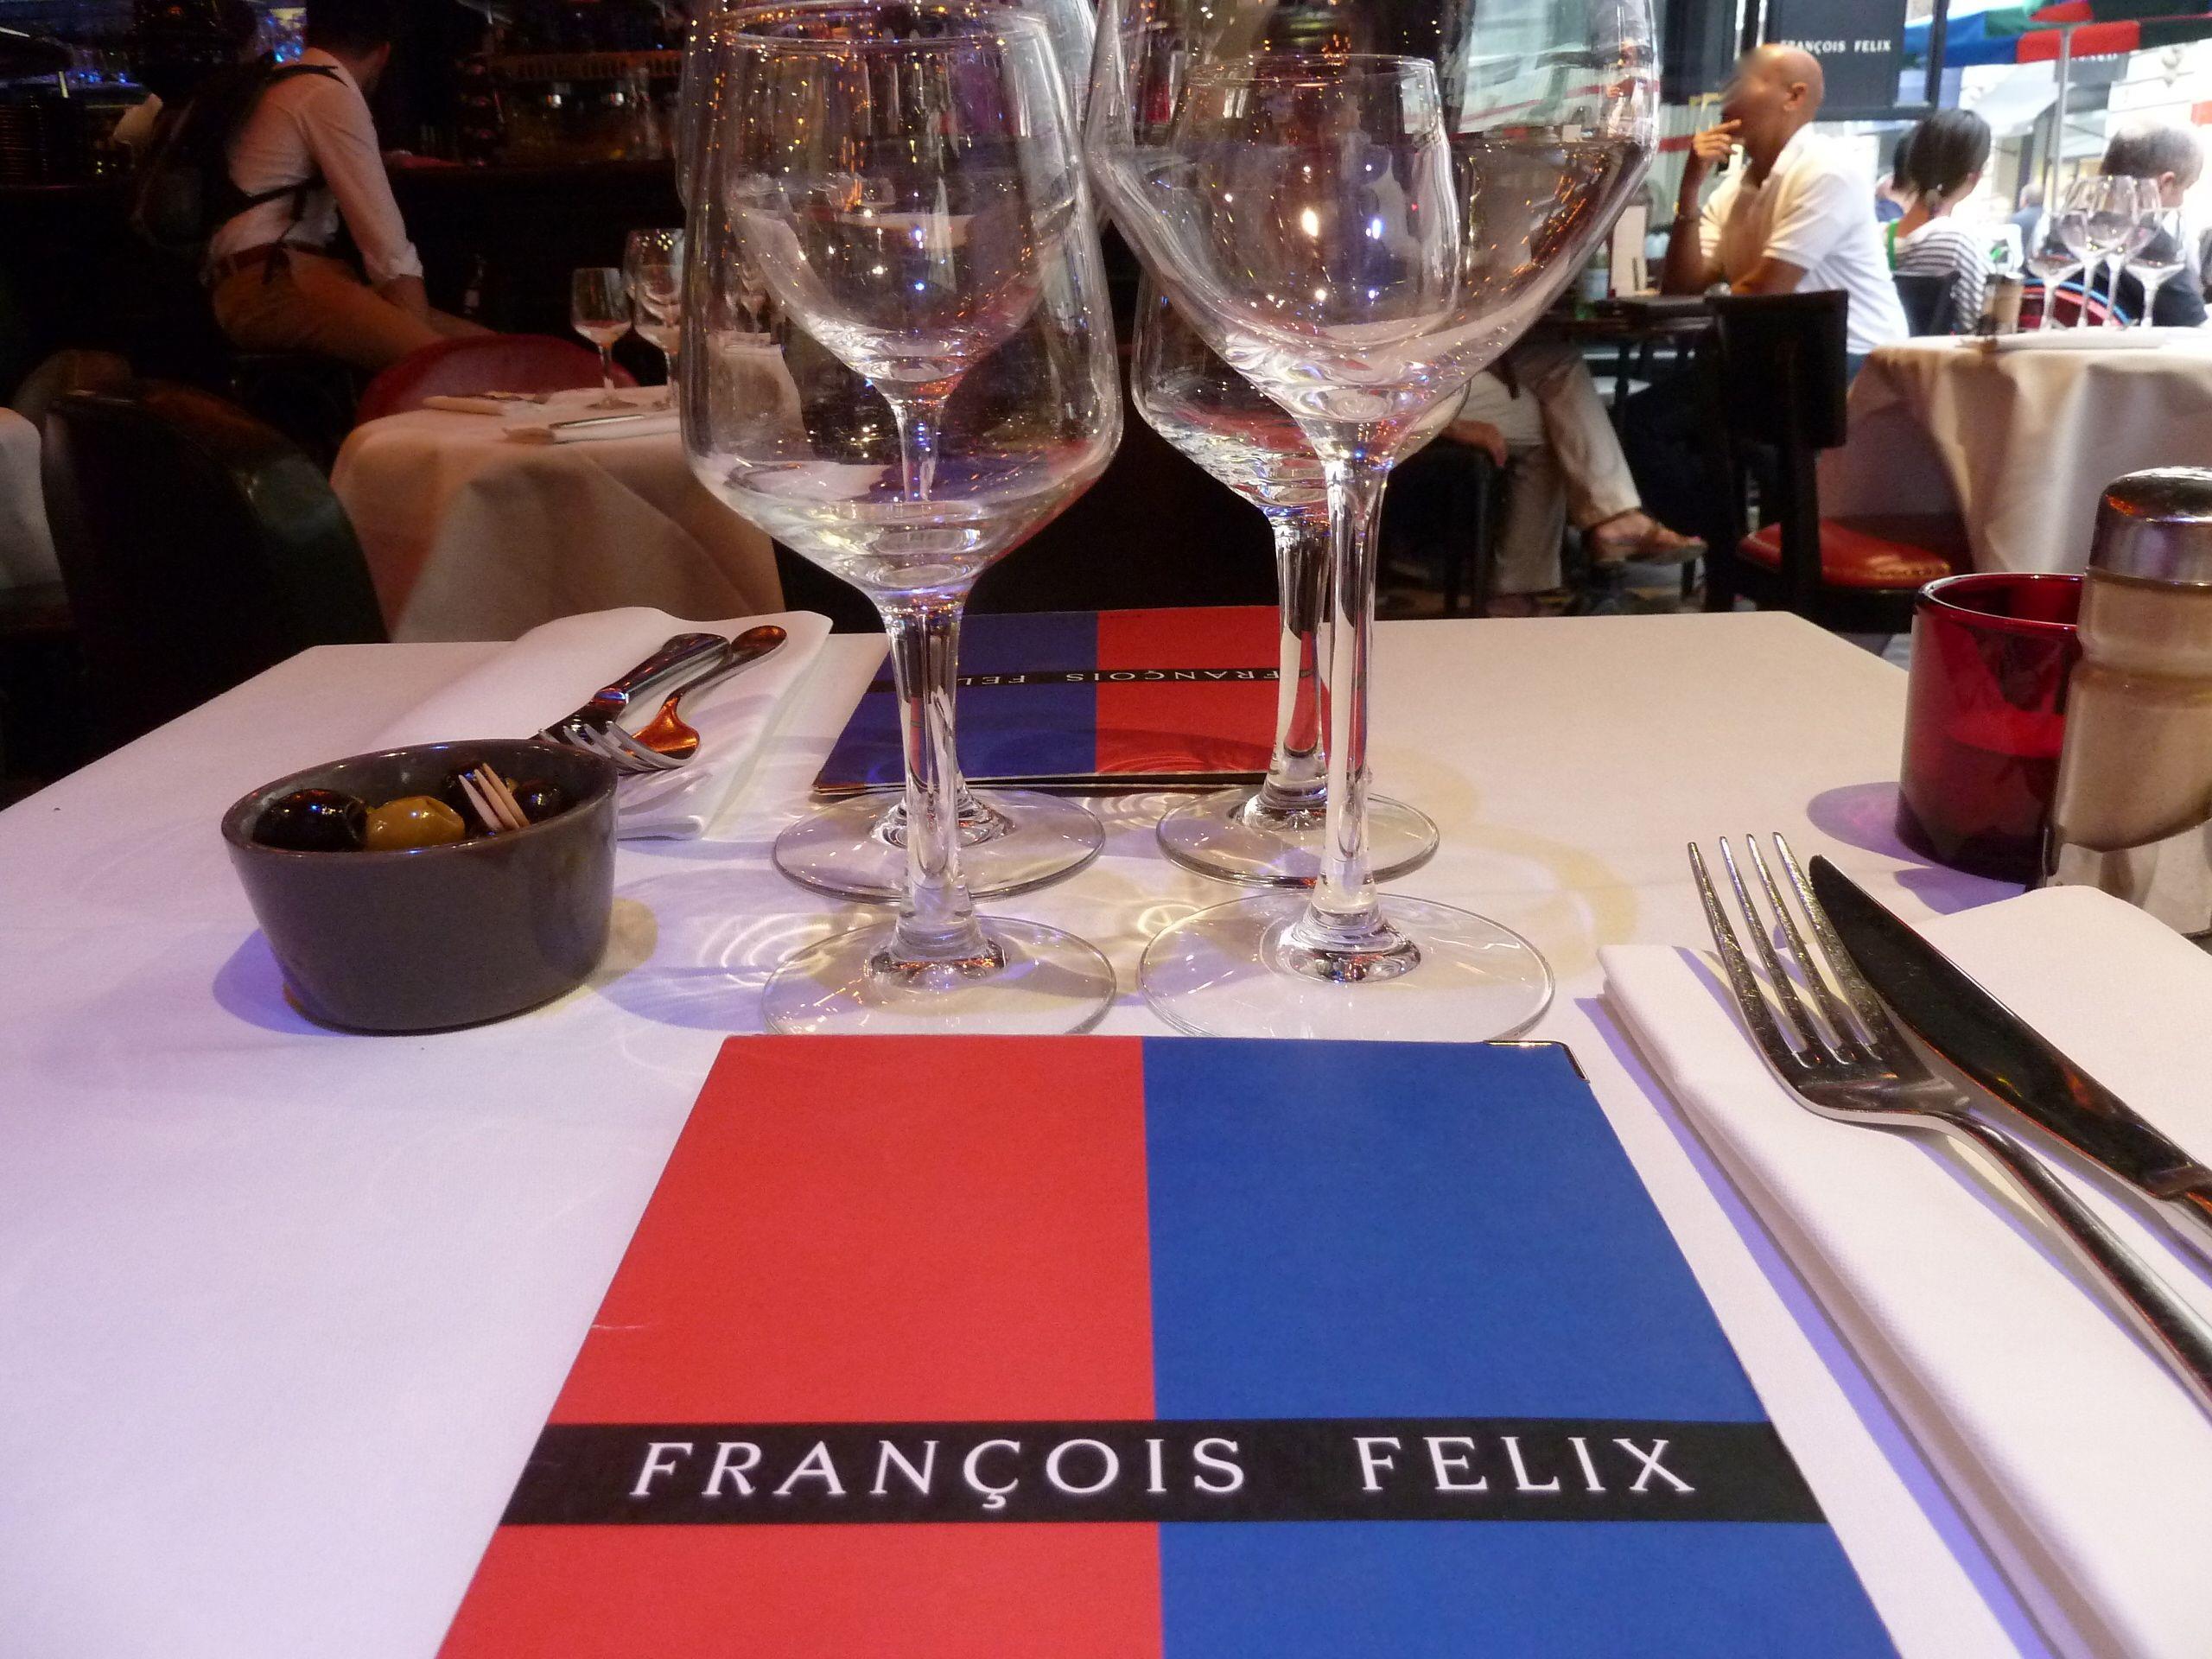 Bistrot Francois Felix A Hidden Gem On Rue Boissy D Anglas Cafe Bar Wine Glass Glassware